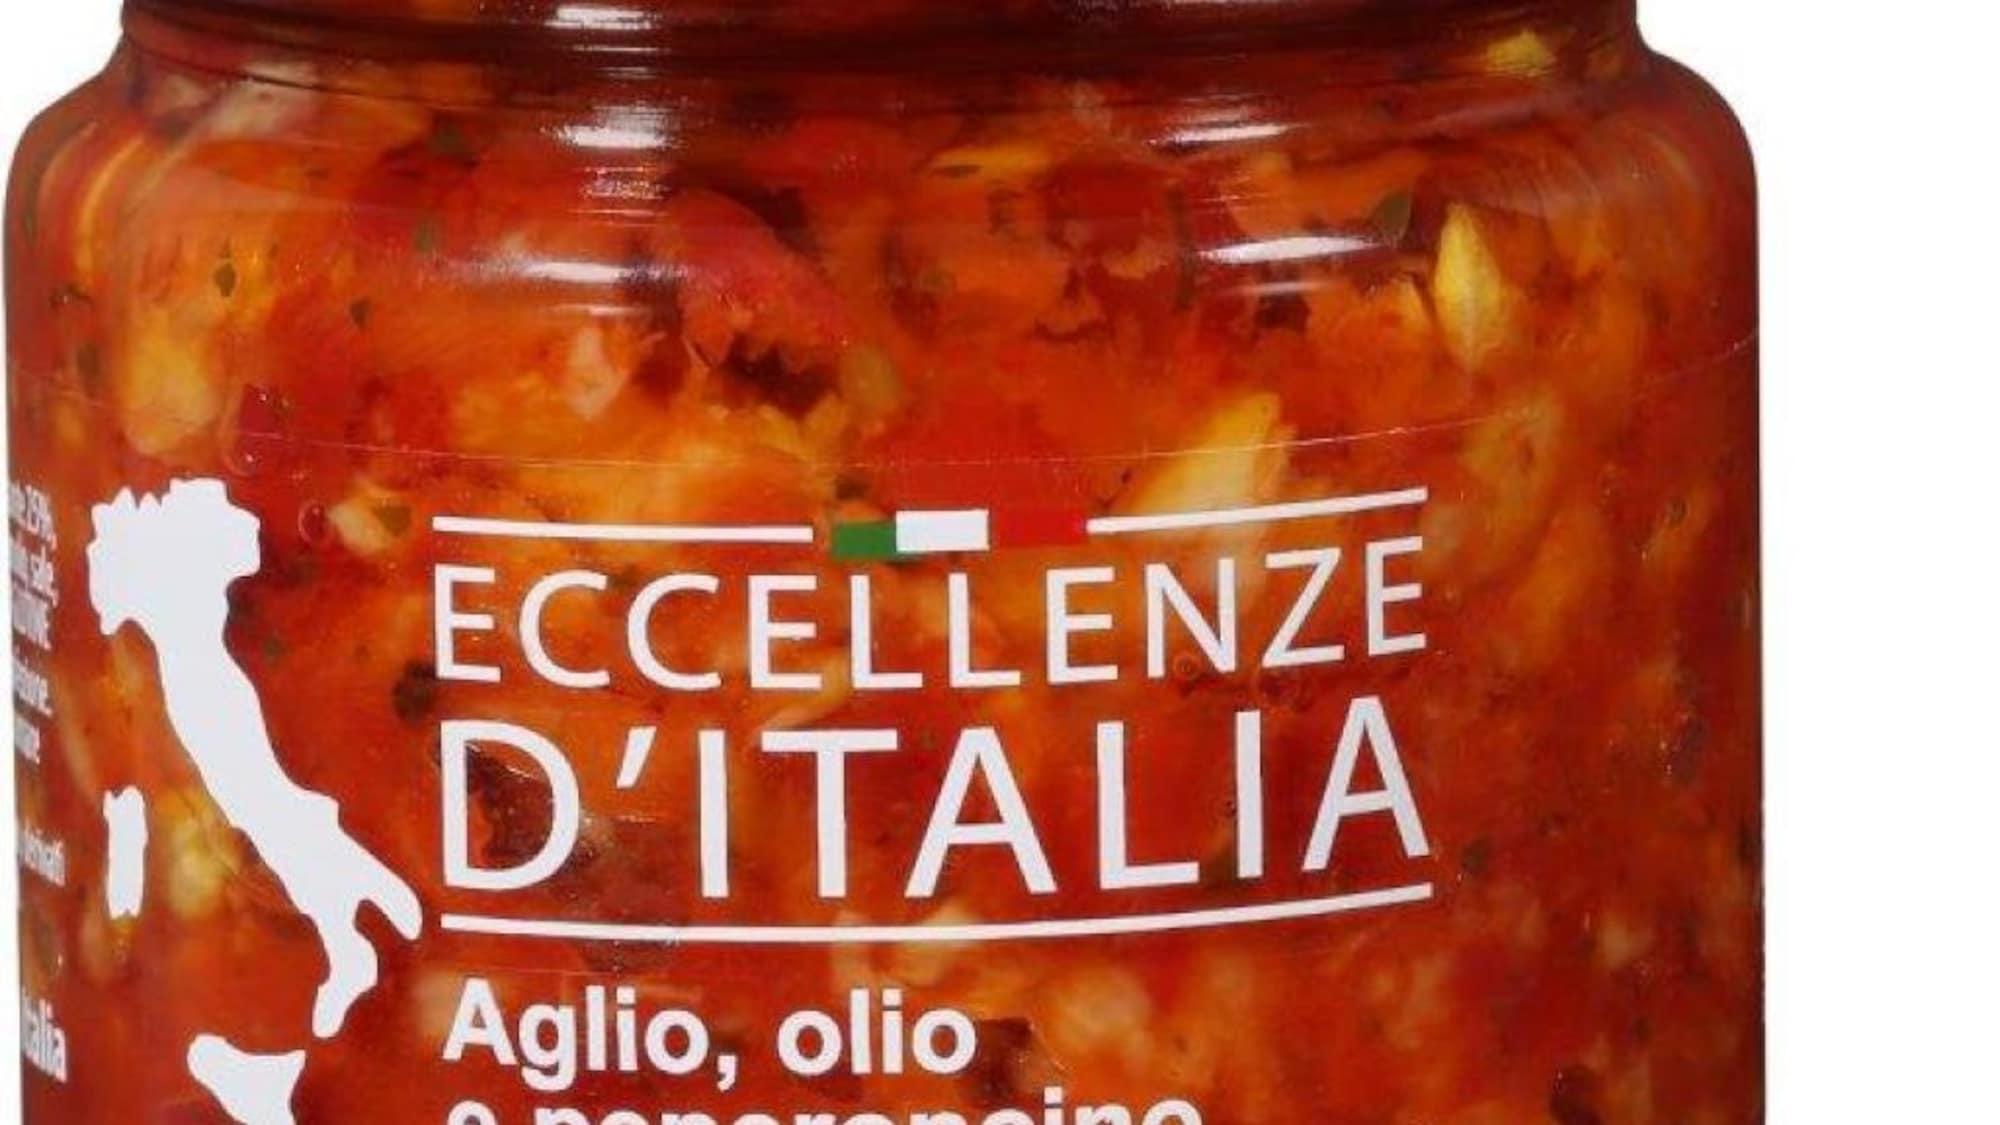 Produktrückruf: Gefahr durch Glasteile: Rückruf von Peperoncino